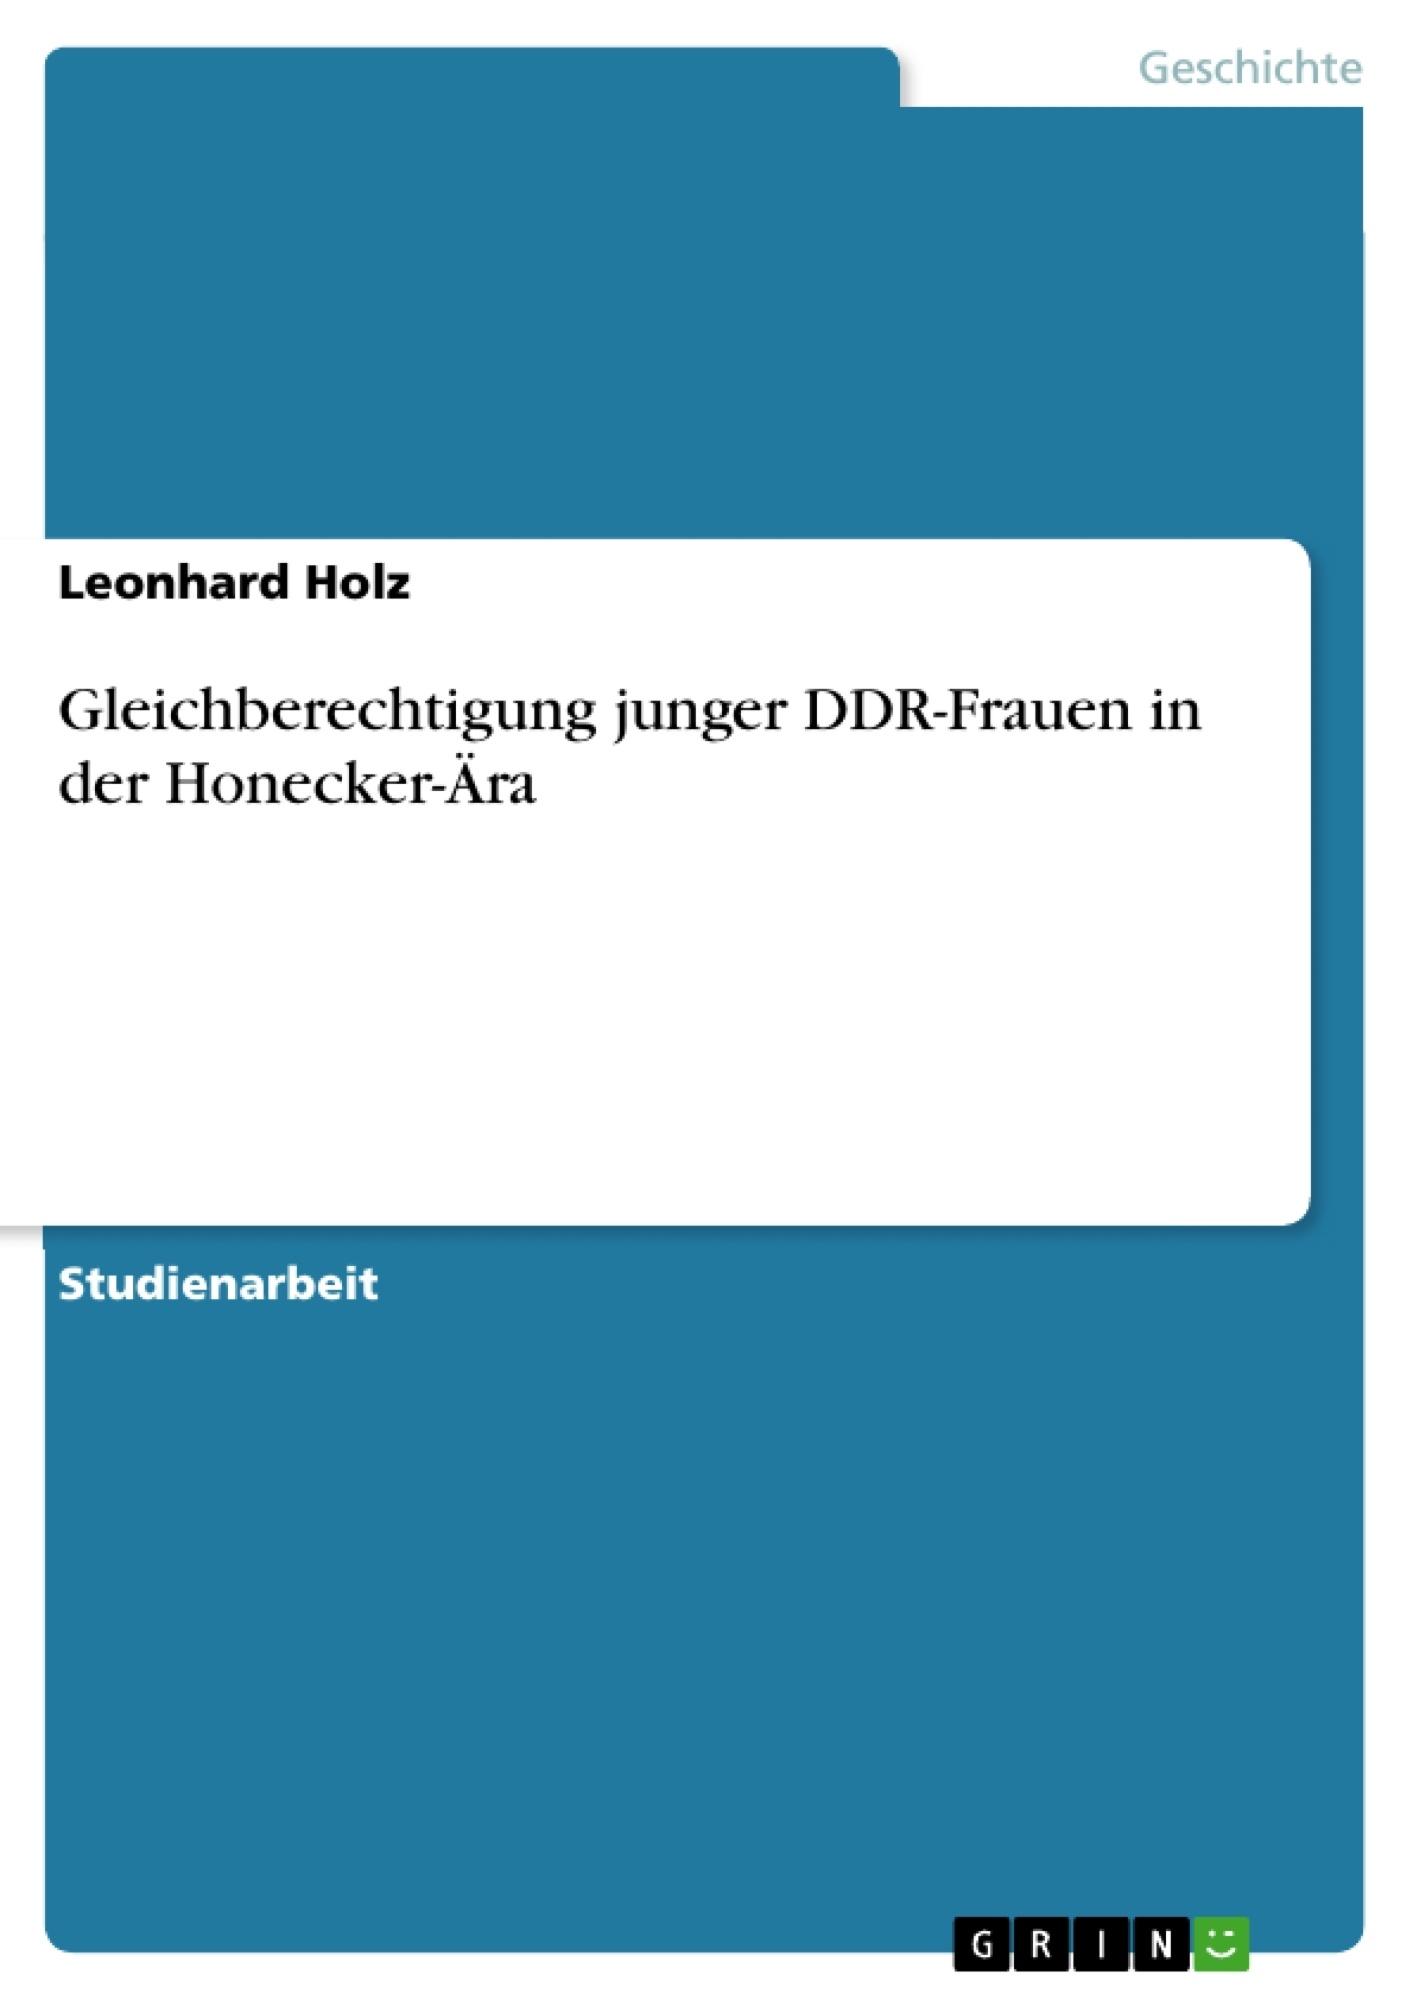 Titel: Gleichberechtigung junger DDR-Frauen in der Honecker-Ära